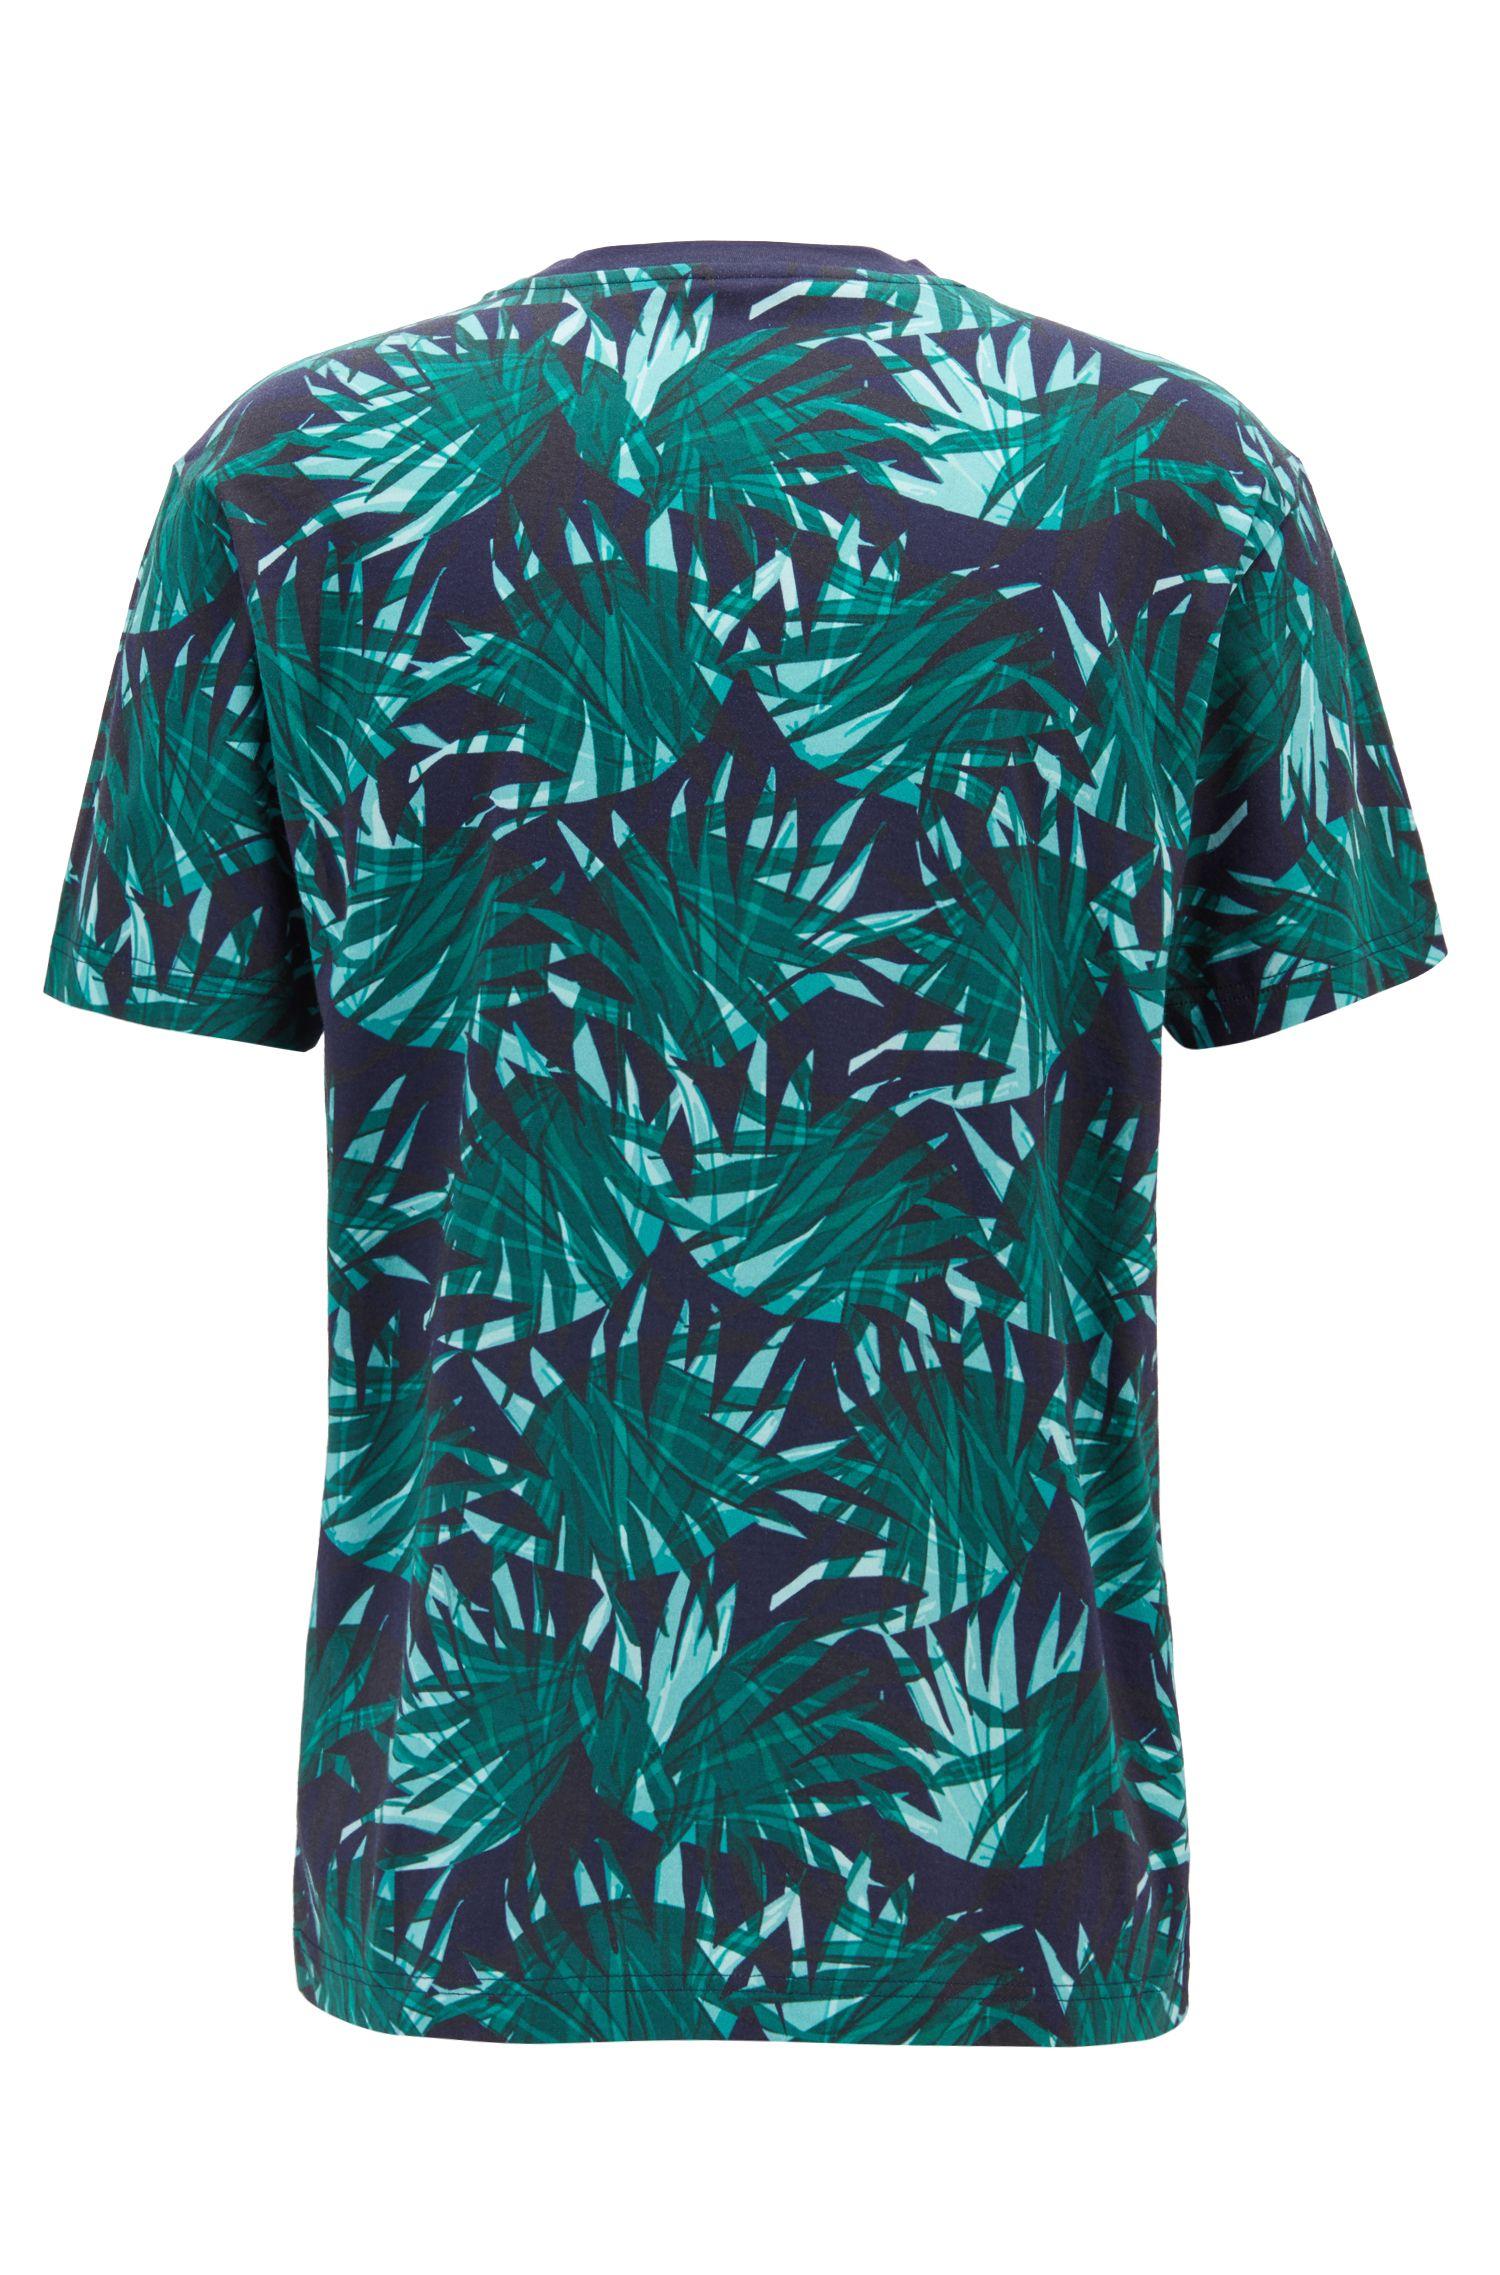 T-Shirt aus Baumwolle mit Blätter-Print, Dunkelblau